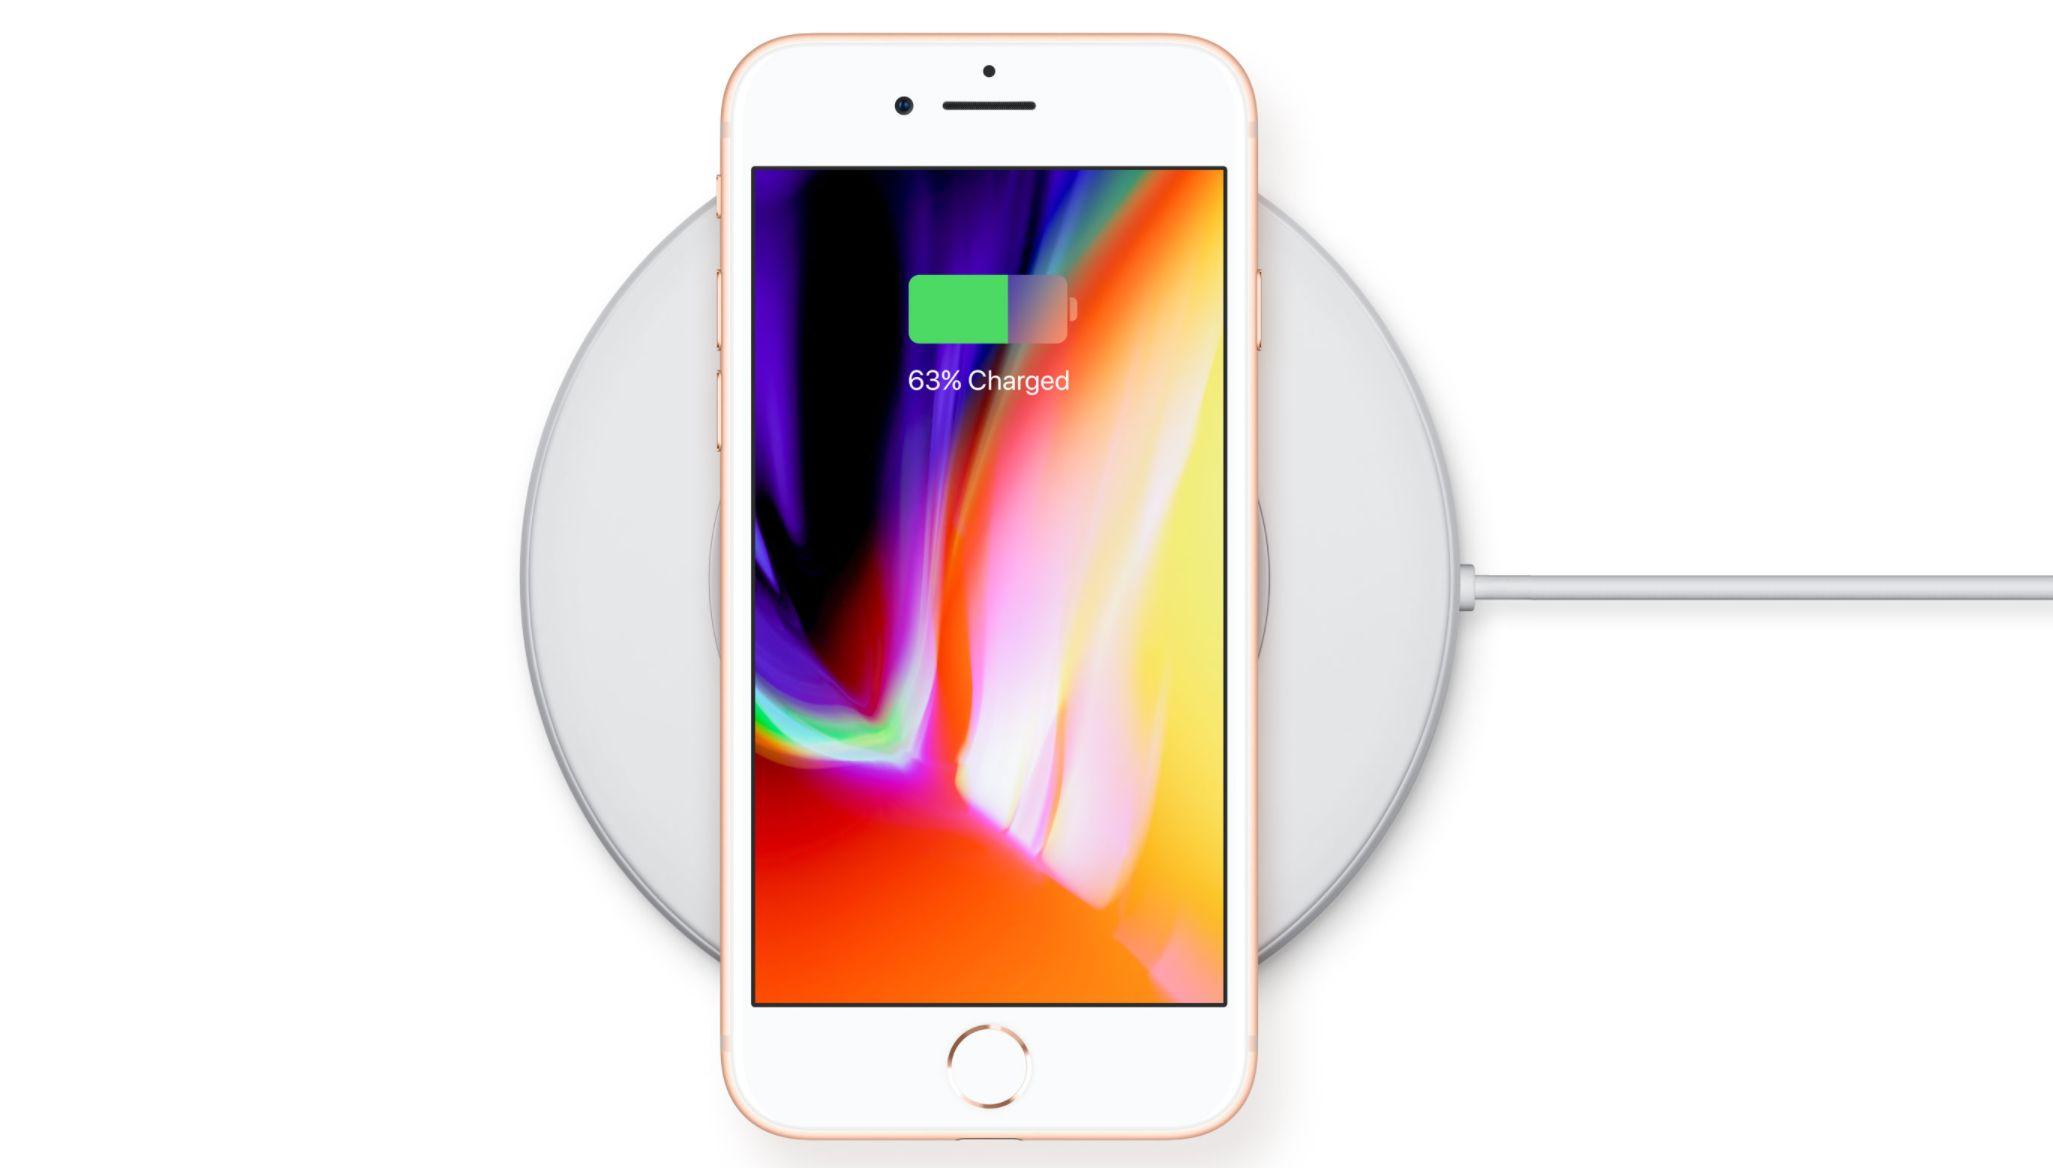 Tabletowo.pl Jakiego rozsądnego flagowca uda nam się kupić w cenie około 3000 złotych? Android Co kupić Huawei iOS LG Samsung Smartfony